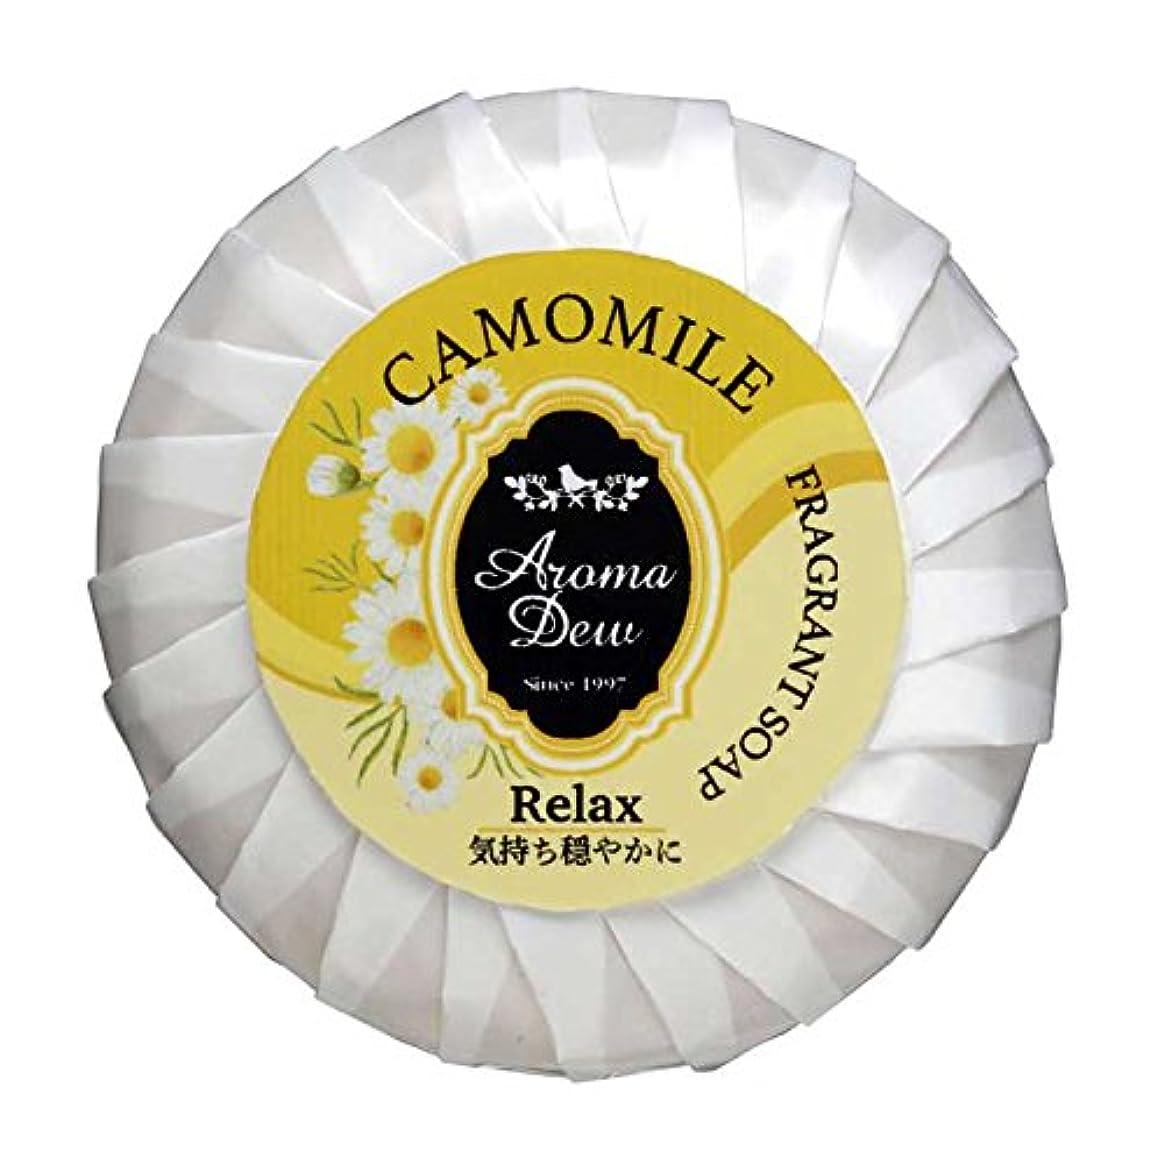 最も早いダウンタウン干渉アロマデュウ フレグラントソープ カモミールの香り 100g